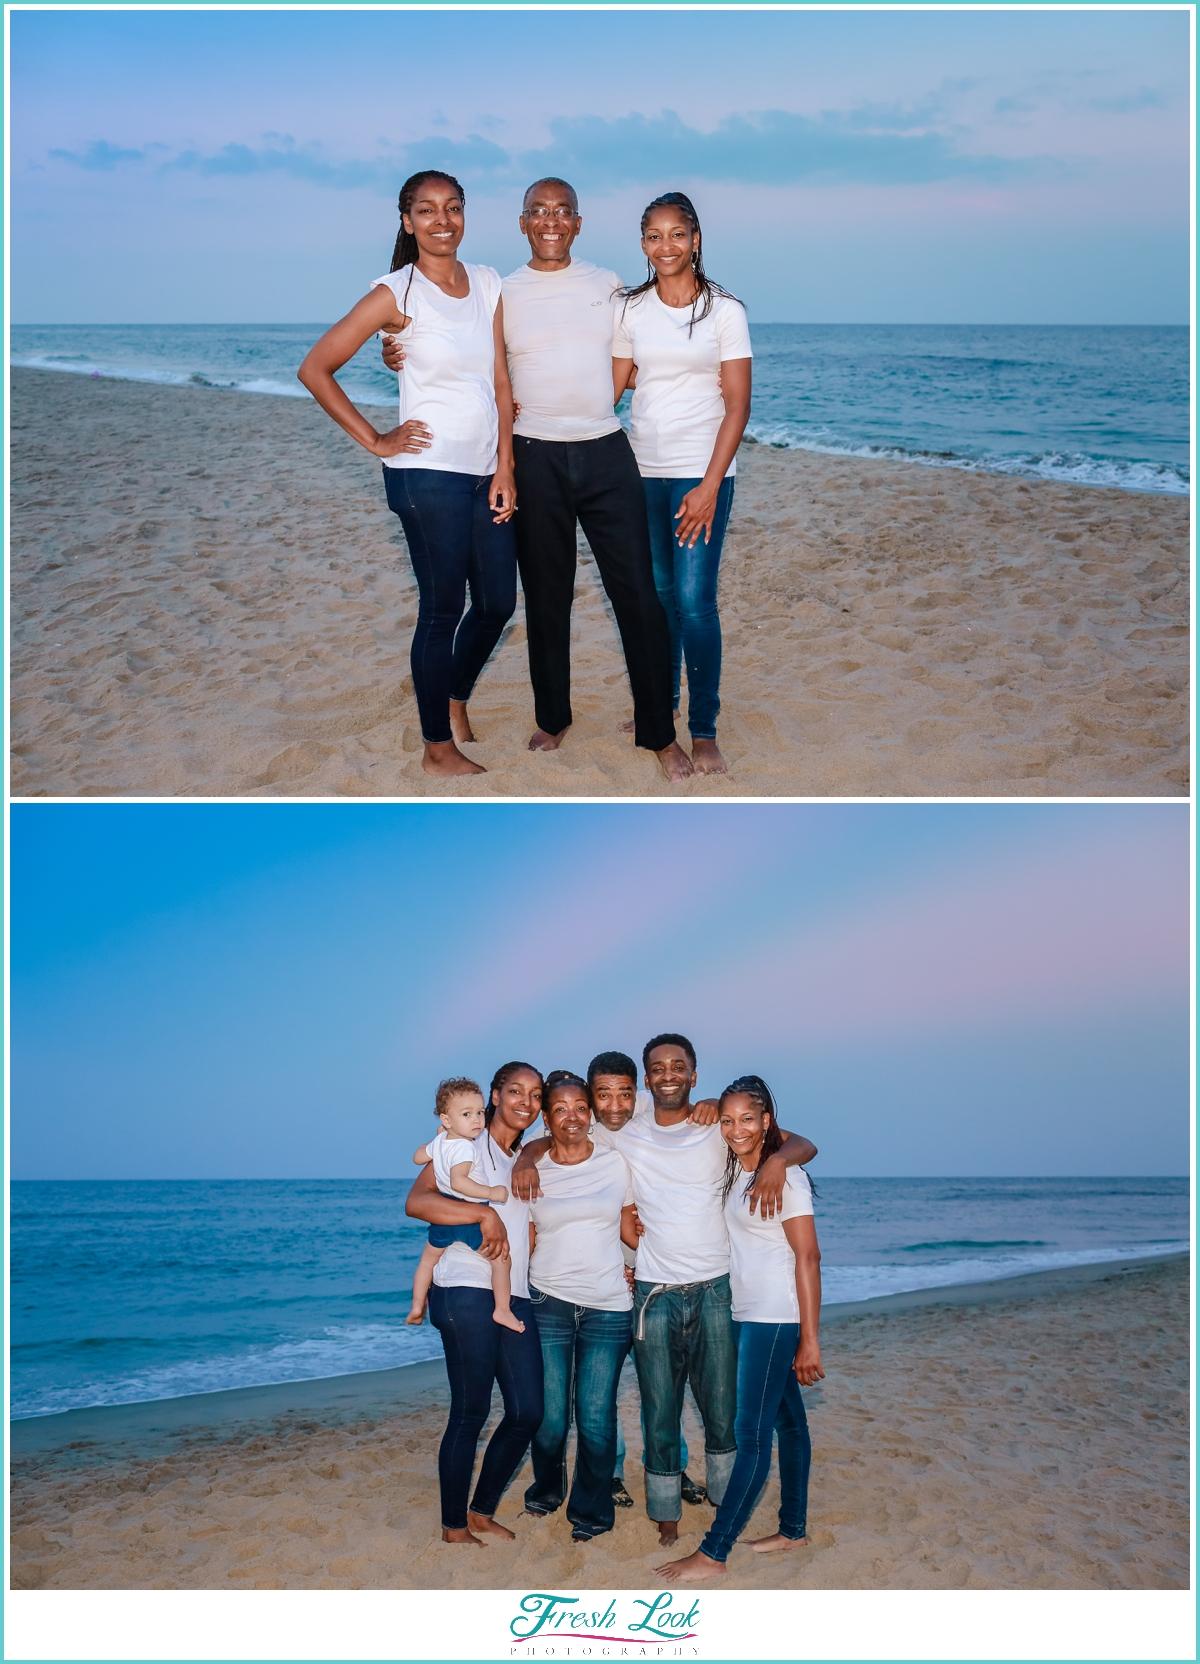 beach family photo shoot